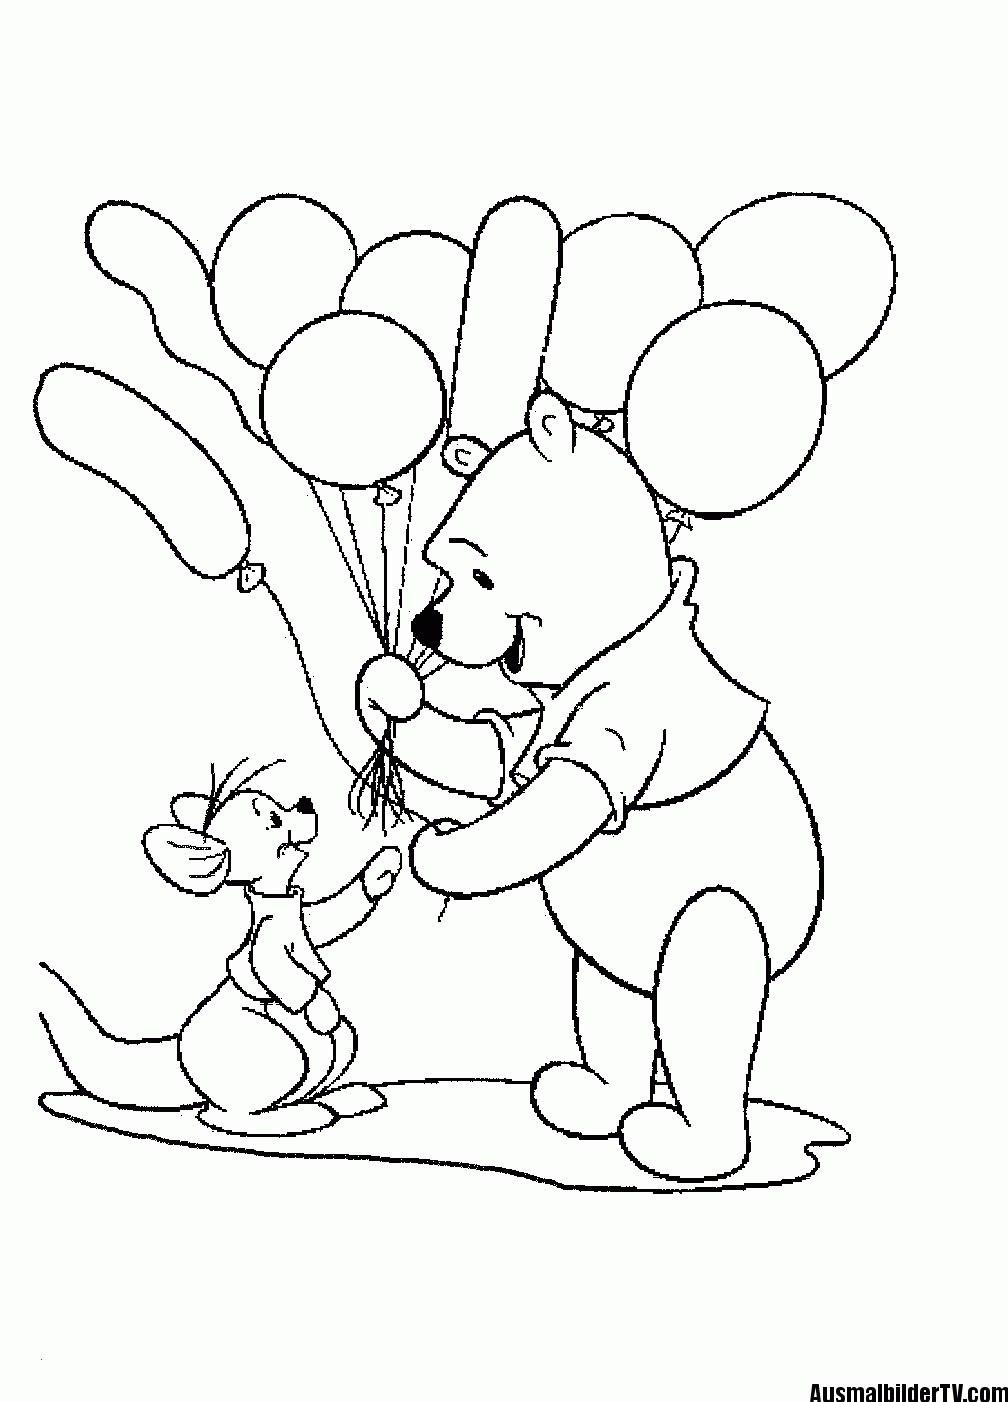 Ausmalbilder Winnie Pooh Und Seine Freunde Malvorlagen Das Beste Von 47 Best Malvorlagen Winnie Pooh Beste Malvorlage Stock